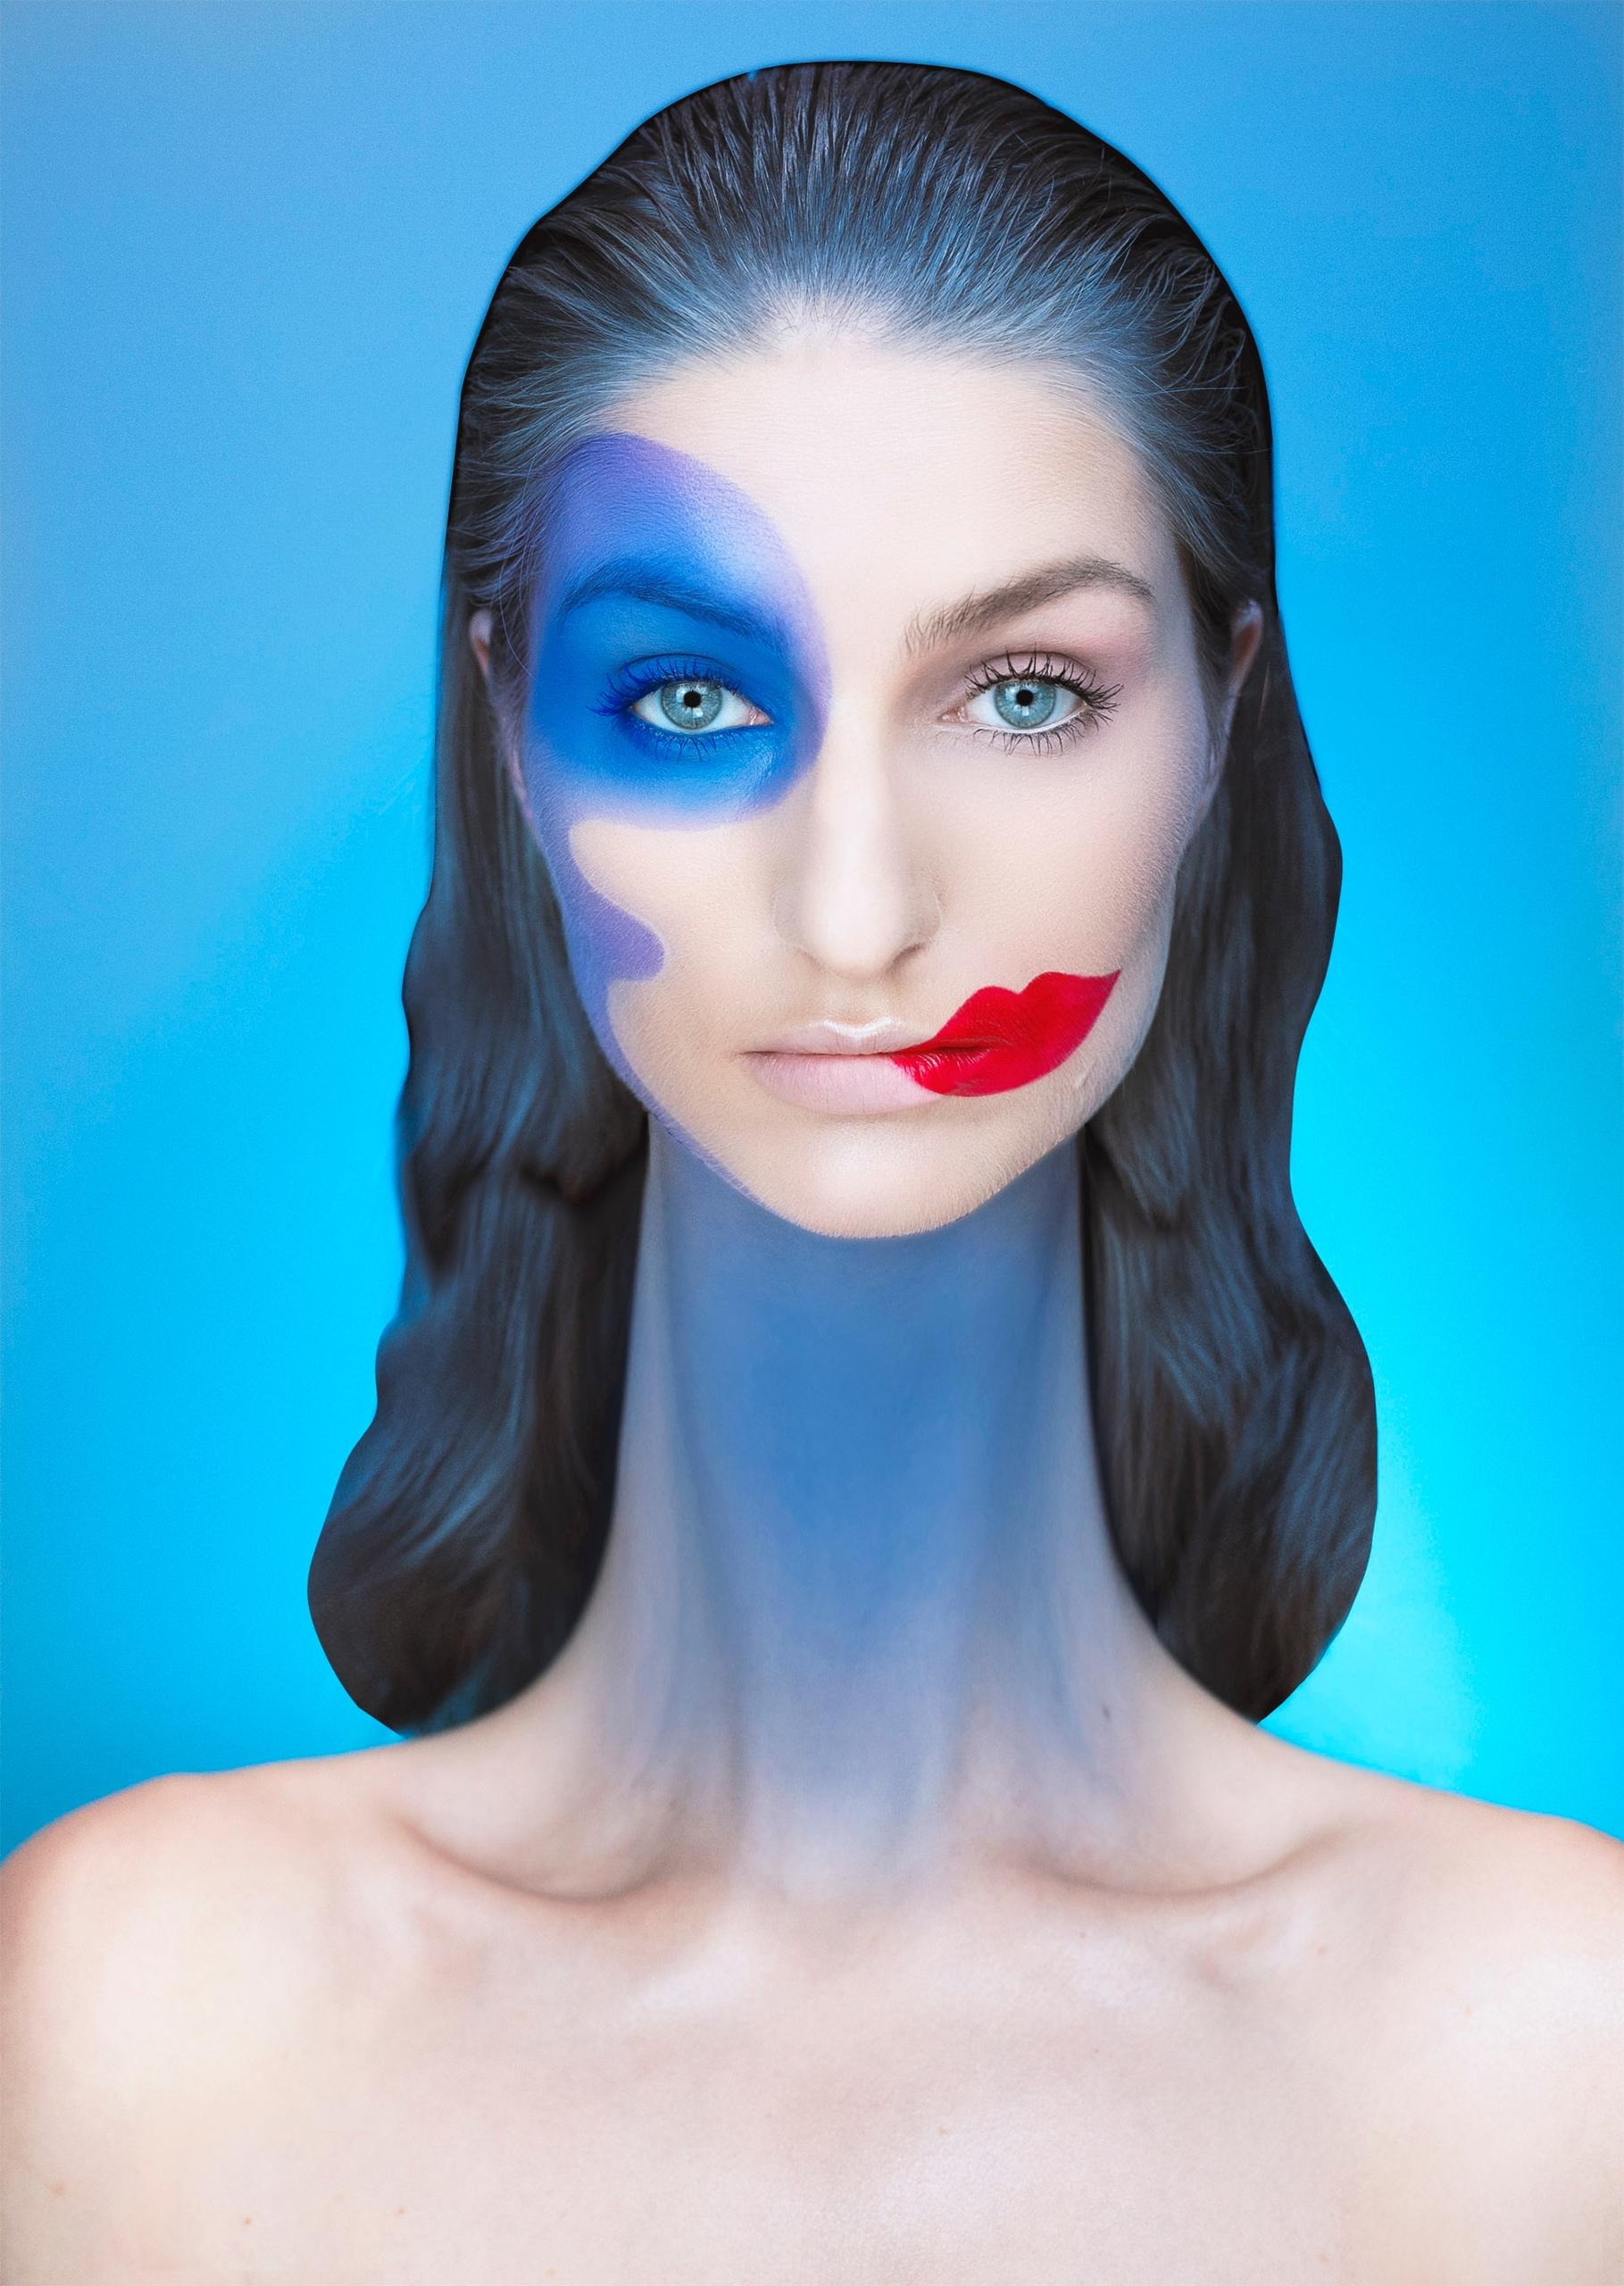 Obraz przedstawia portret kobiety z nienaturalnie długą szyją. Całość na niebieskim tle.